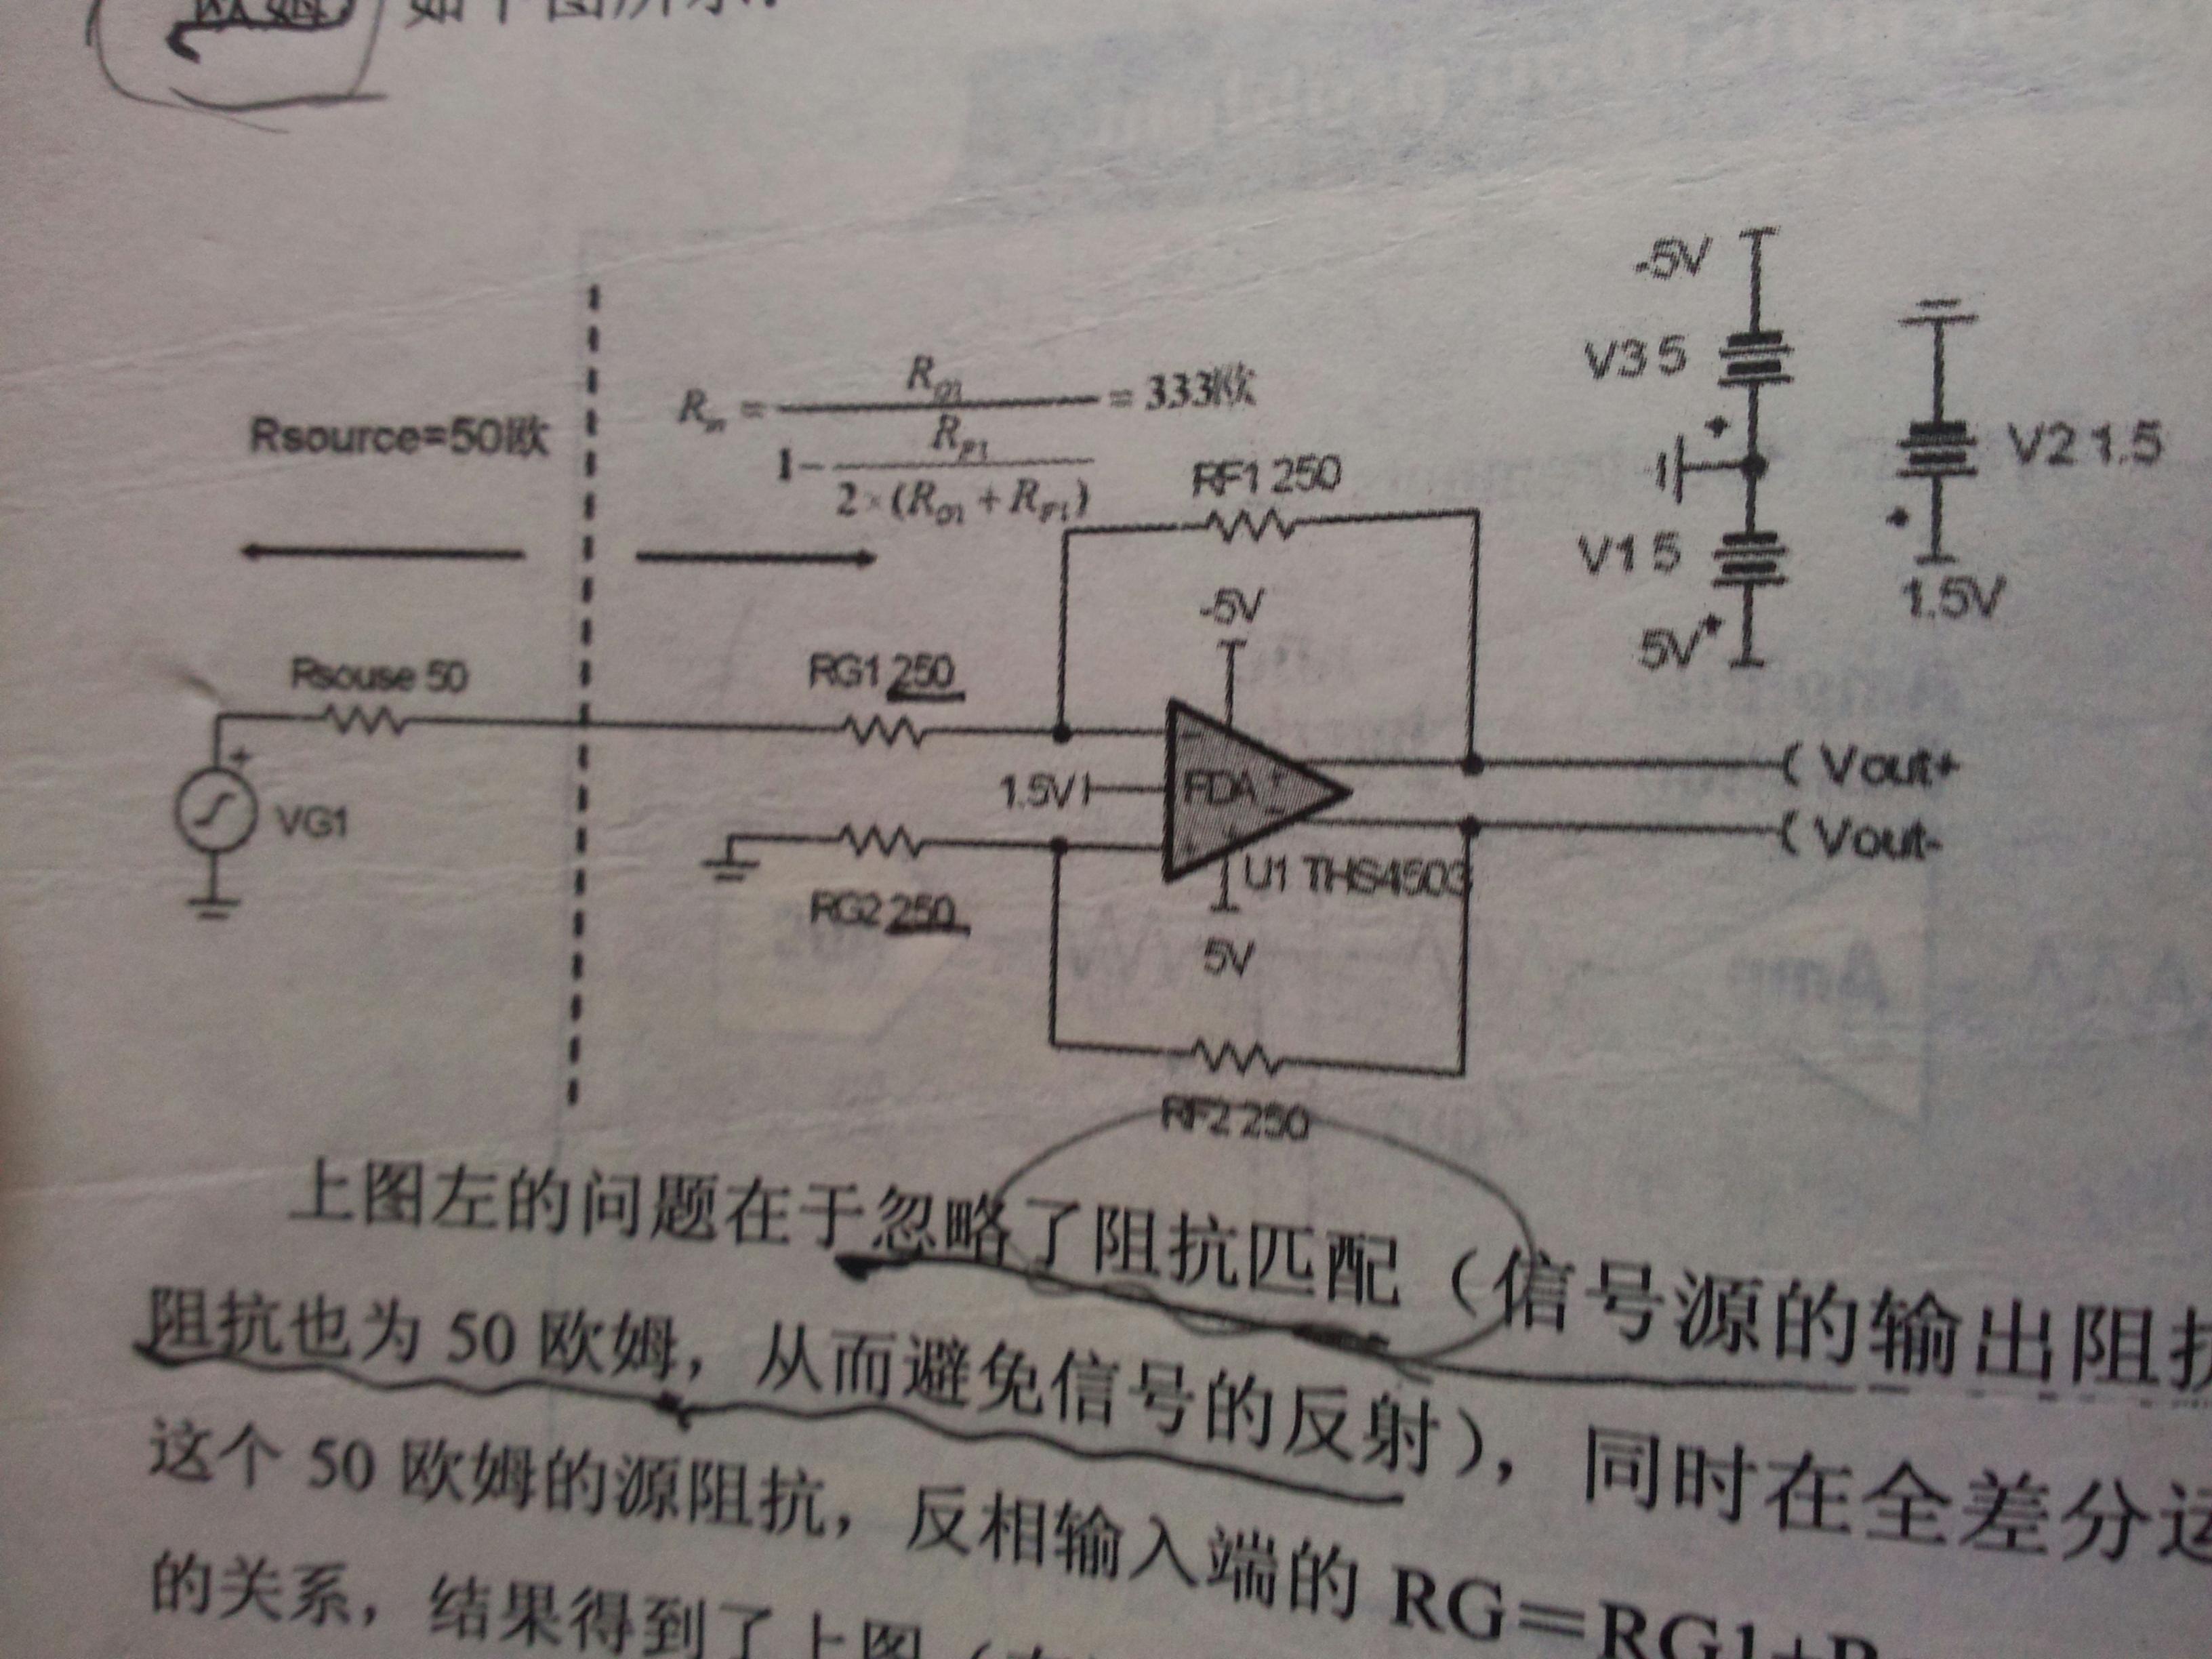 计算阻抗匹配时,涉及到输入电阻